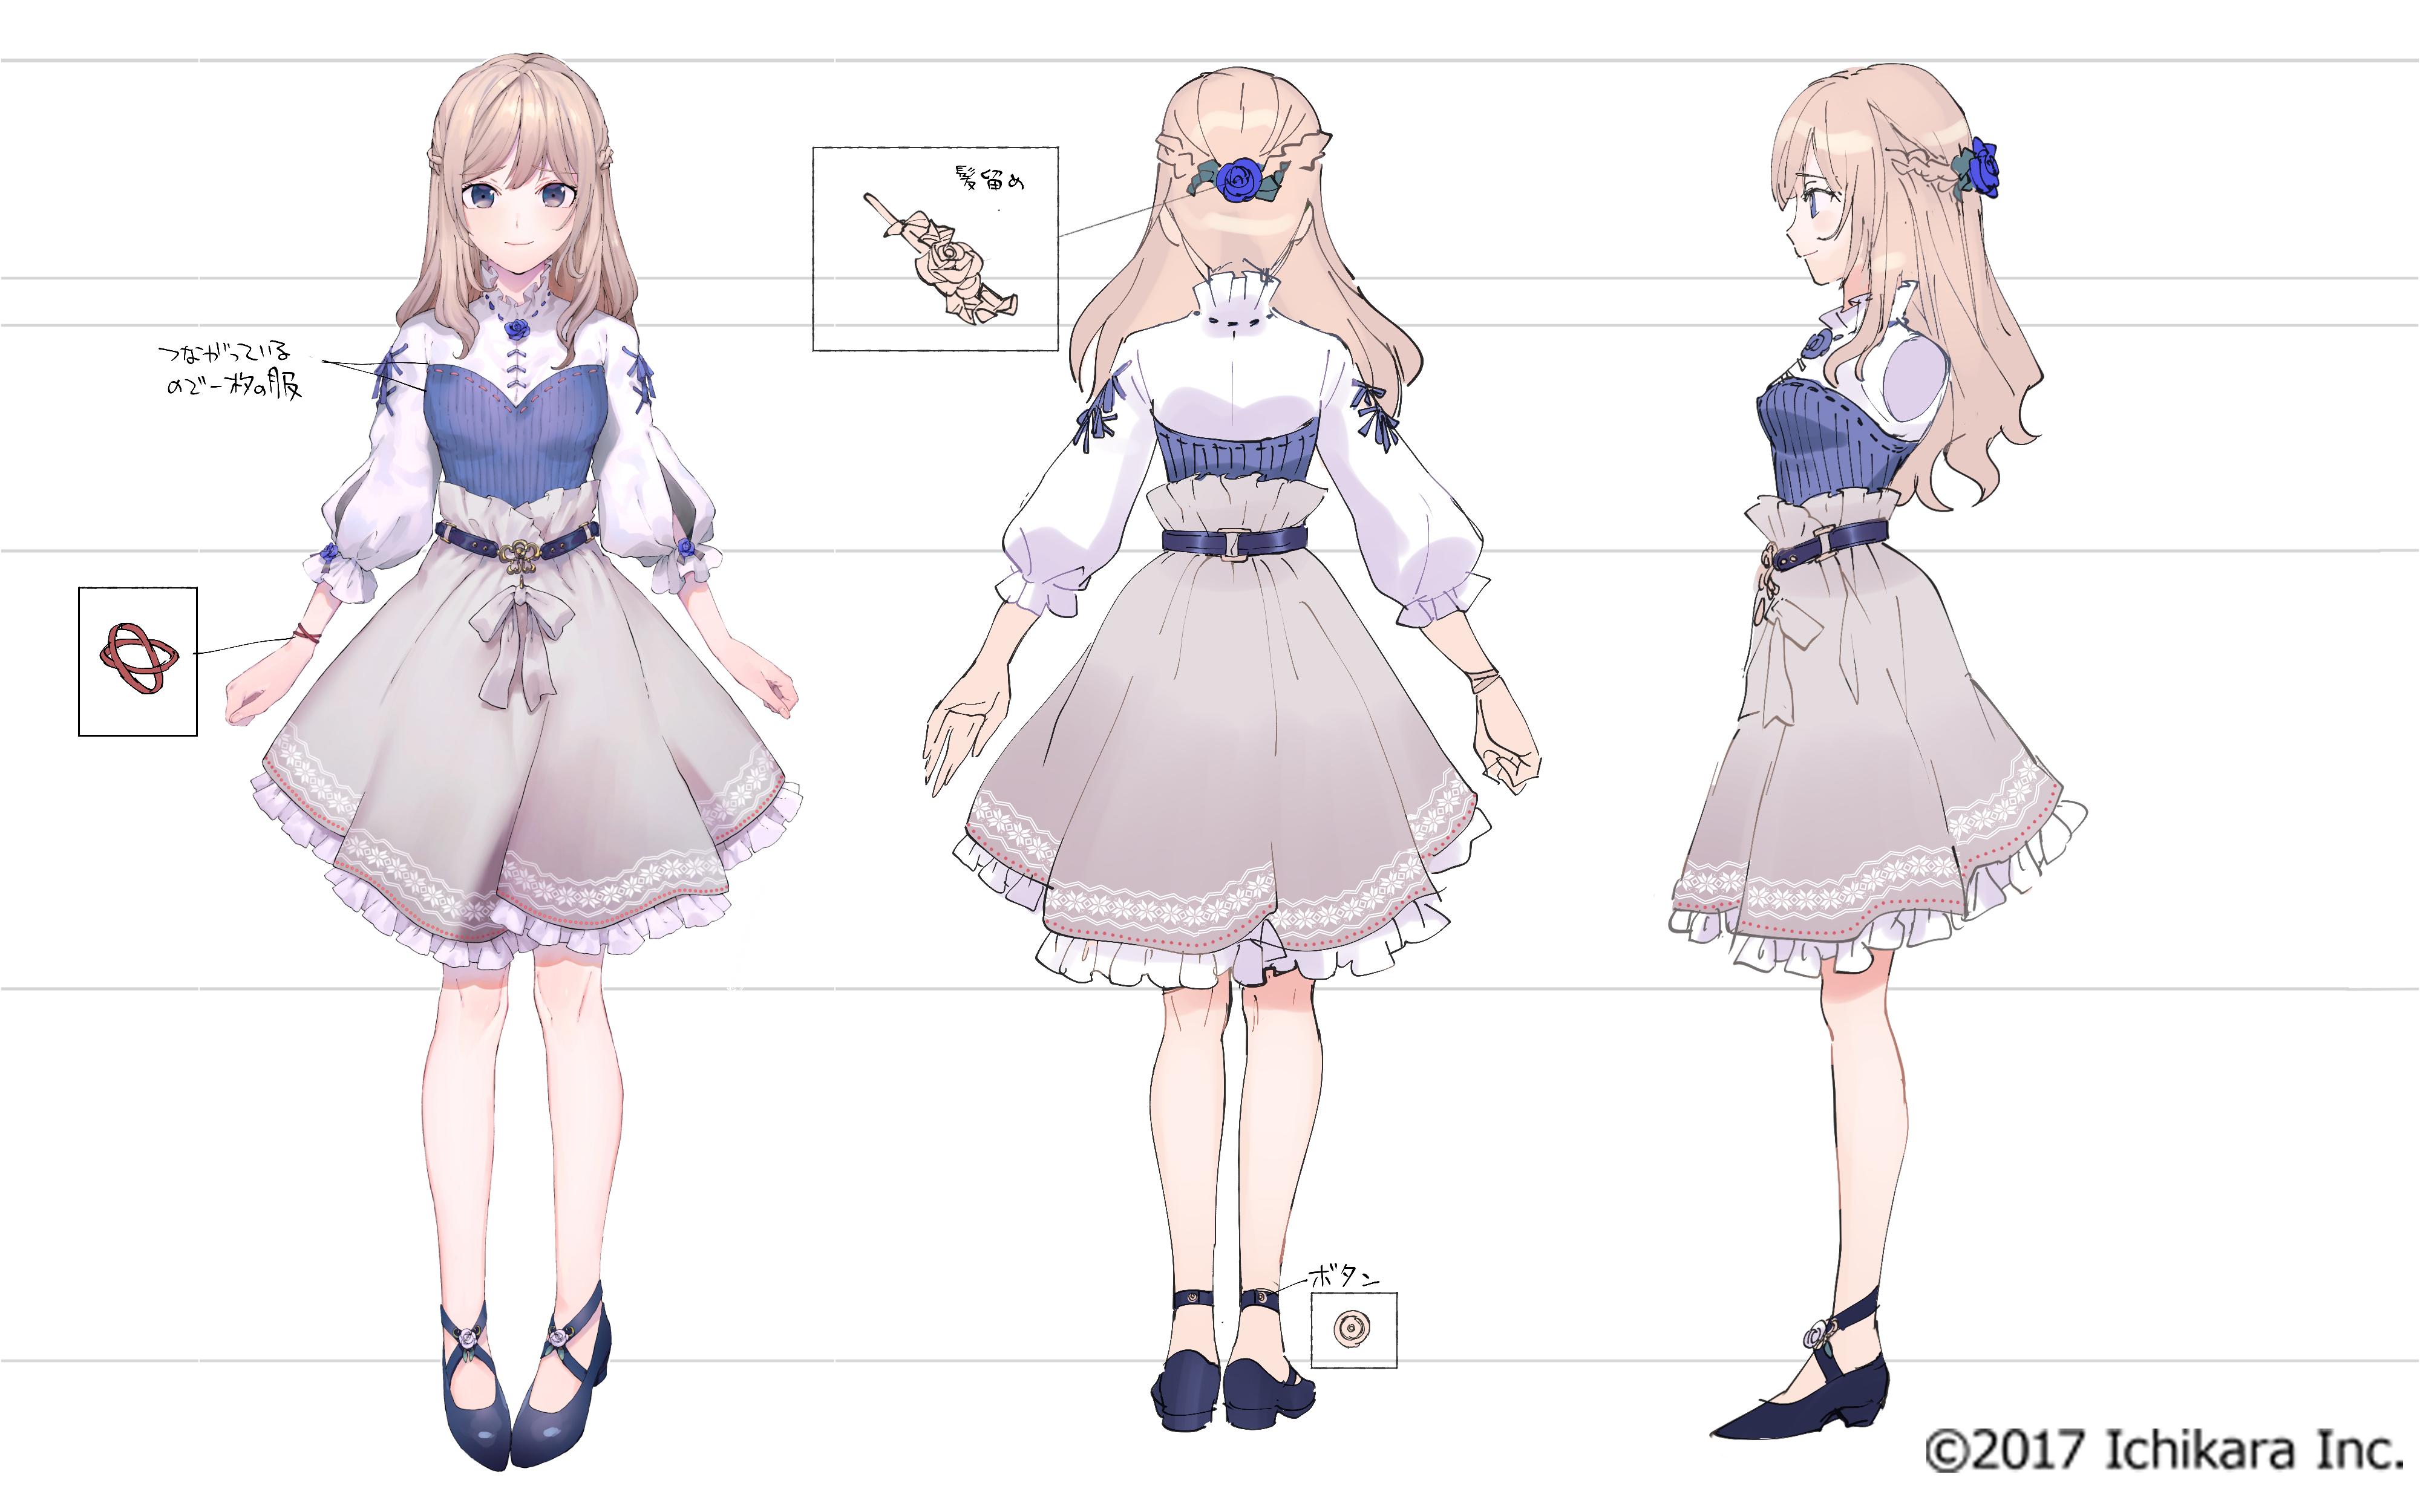 소나기 なぎ nijisanji kr on twitter female character design character model sheet character design